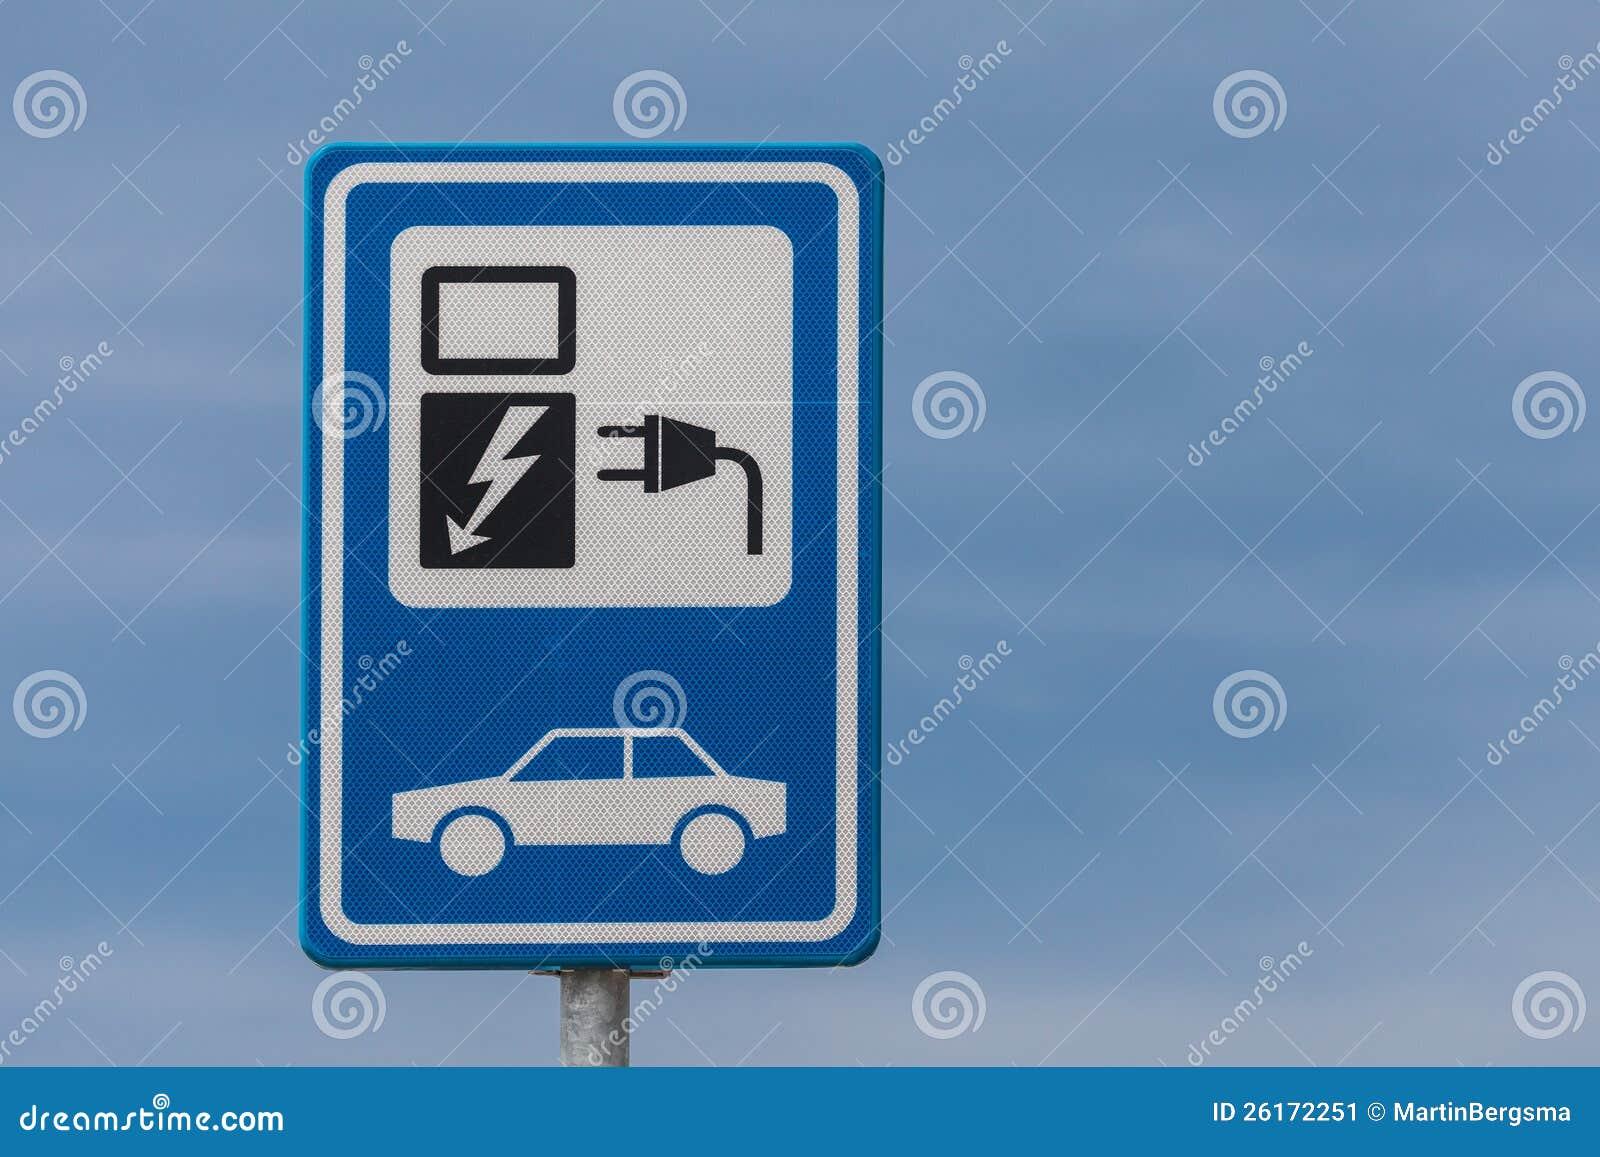 Atemberaubend Elektrische Verkabelung Des Fahrzeugs Bilder - Die ...